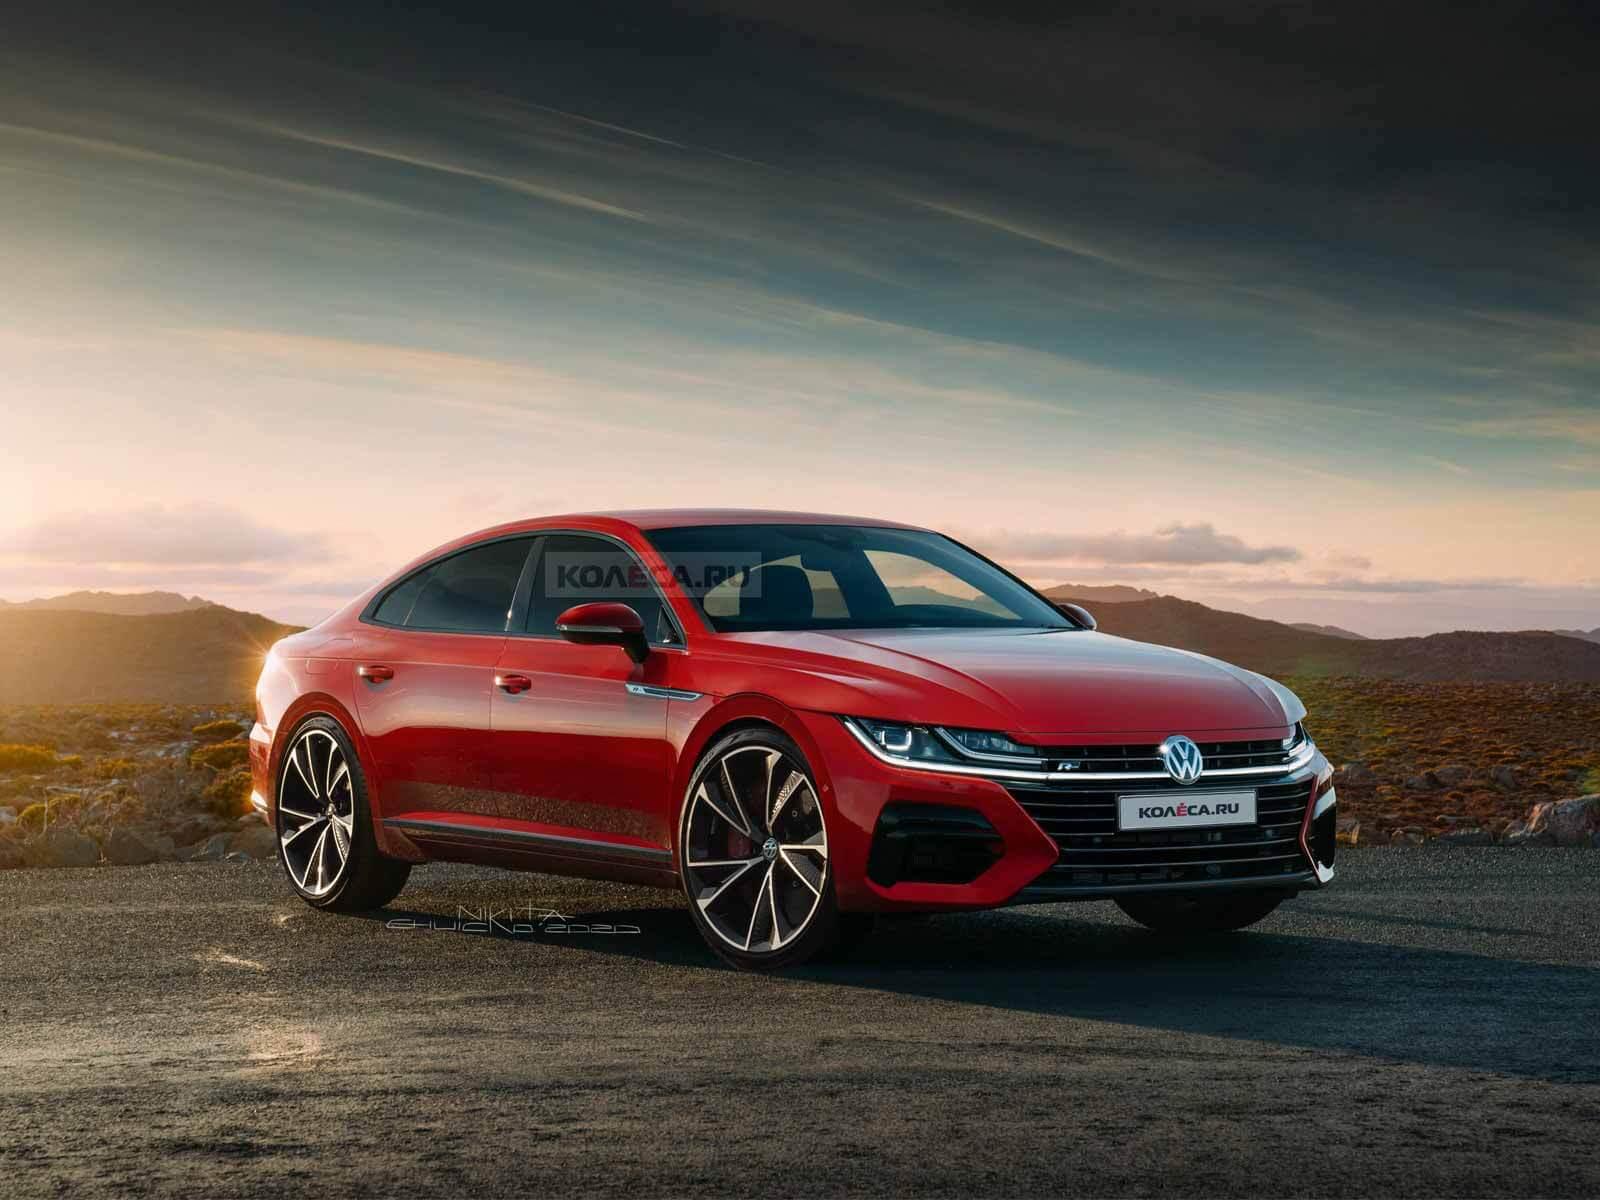 Рестайлинг Volkswagen Arteon 2021 - Kolesa.ru - автомобильный журнал